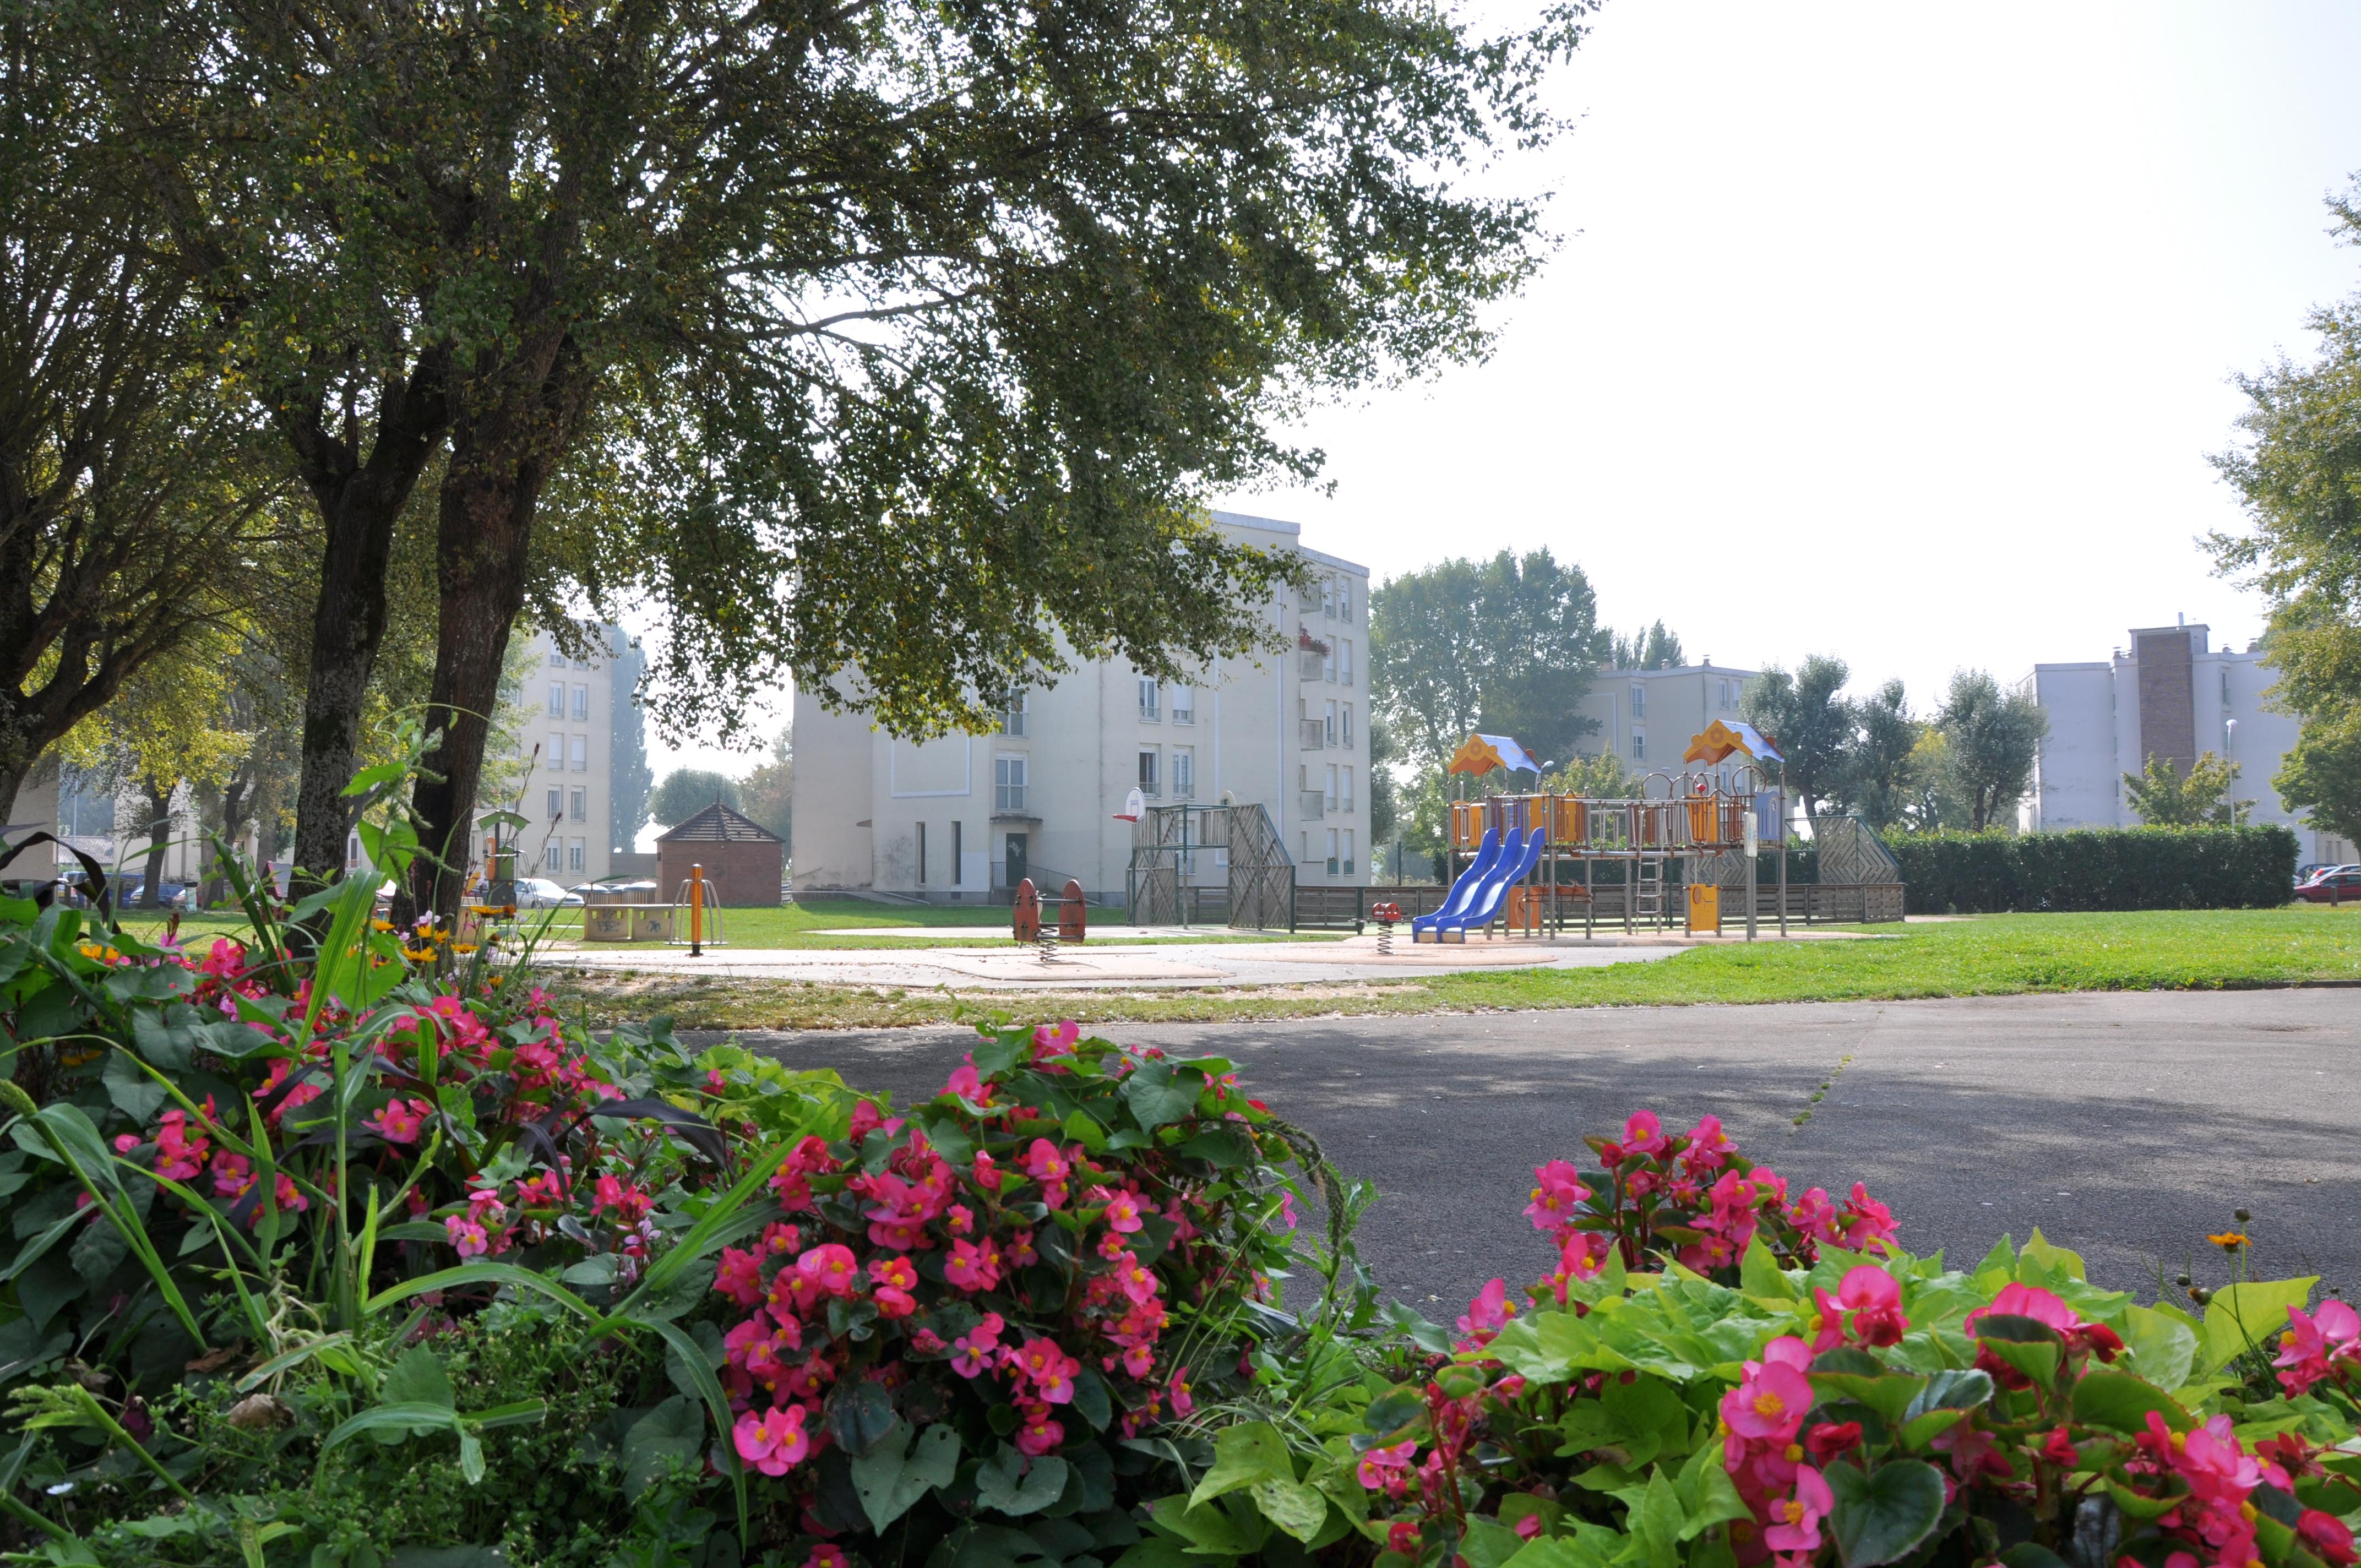 Chiffres et informations g n rales sur la ville de nangis for Piscine de nangis